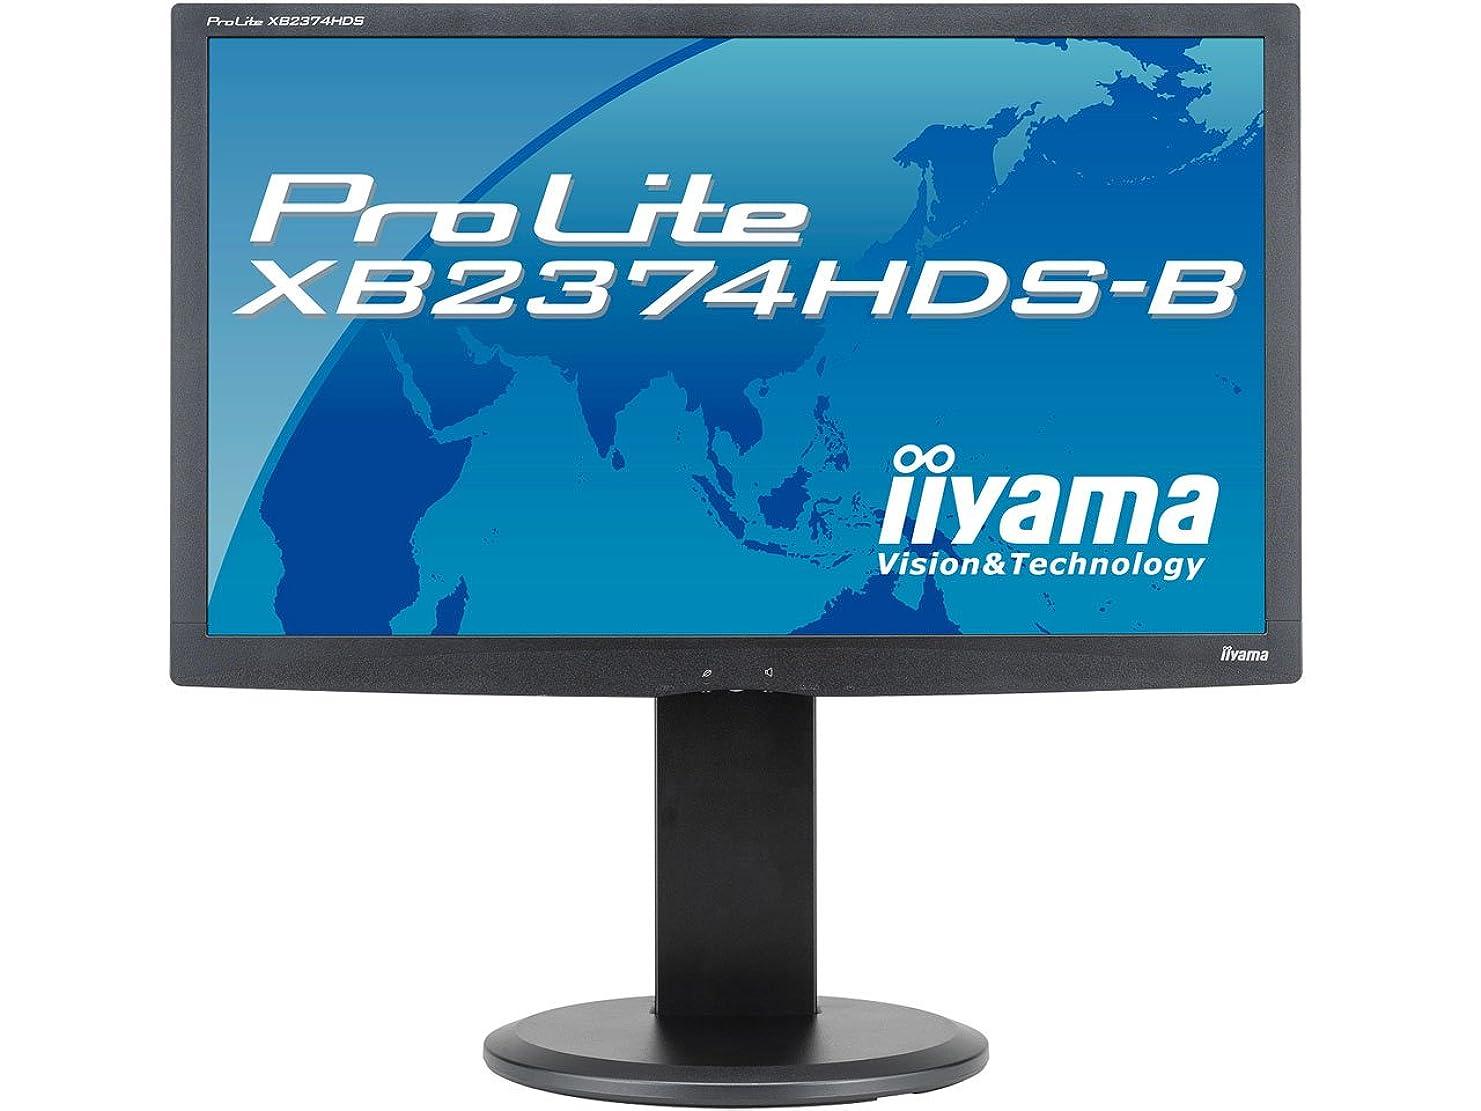 相続人大学生いたずらなiiyama 23インチワイド液晶ディスプレイ IPSパネル LEDバックライト 昇降?ピボット機能搭載 HDMIケーブル同梱モデル マーベルブラック PLXB2374HDS-B1